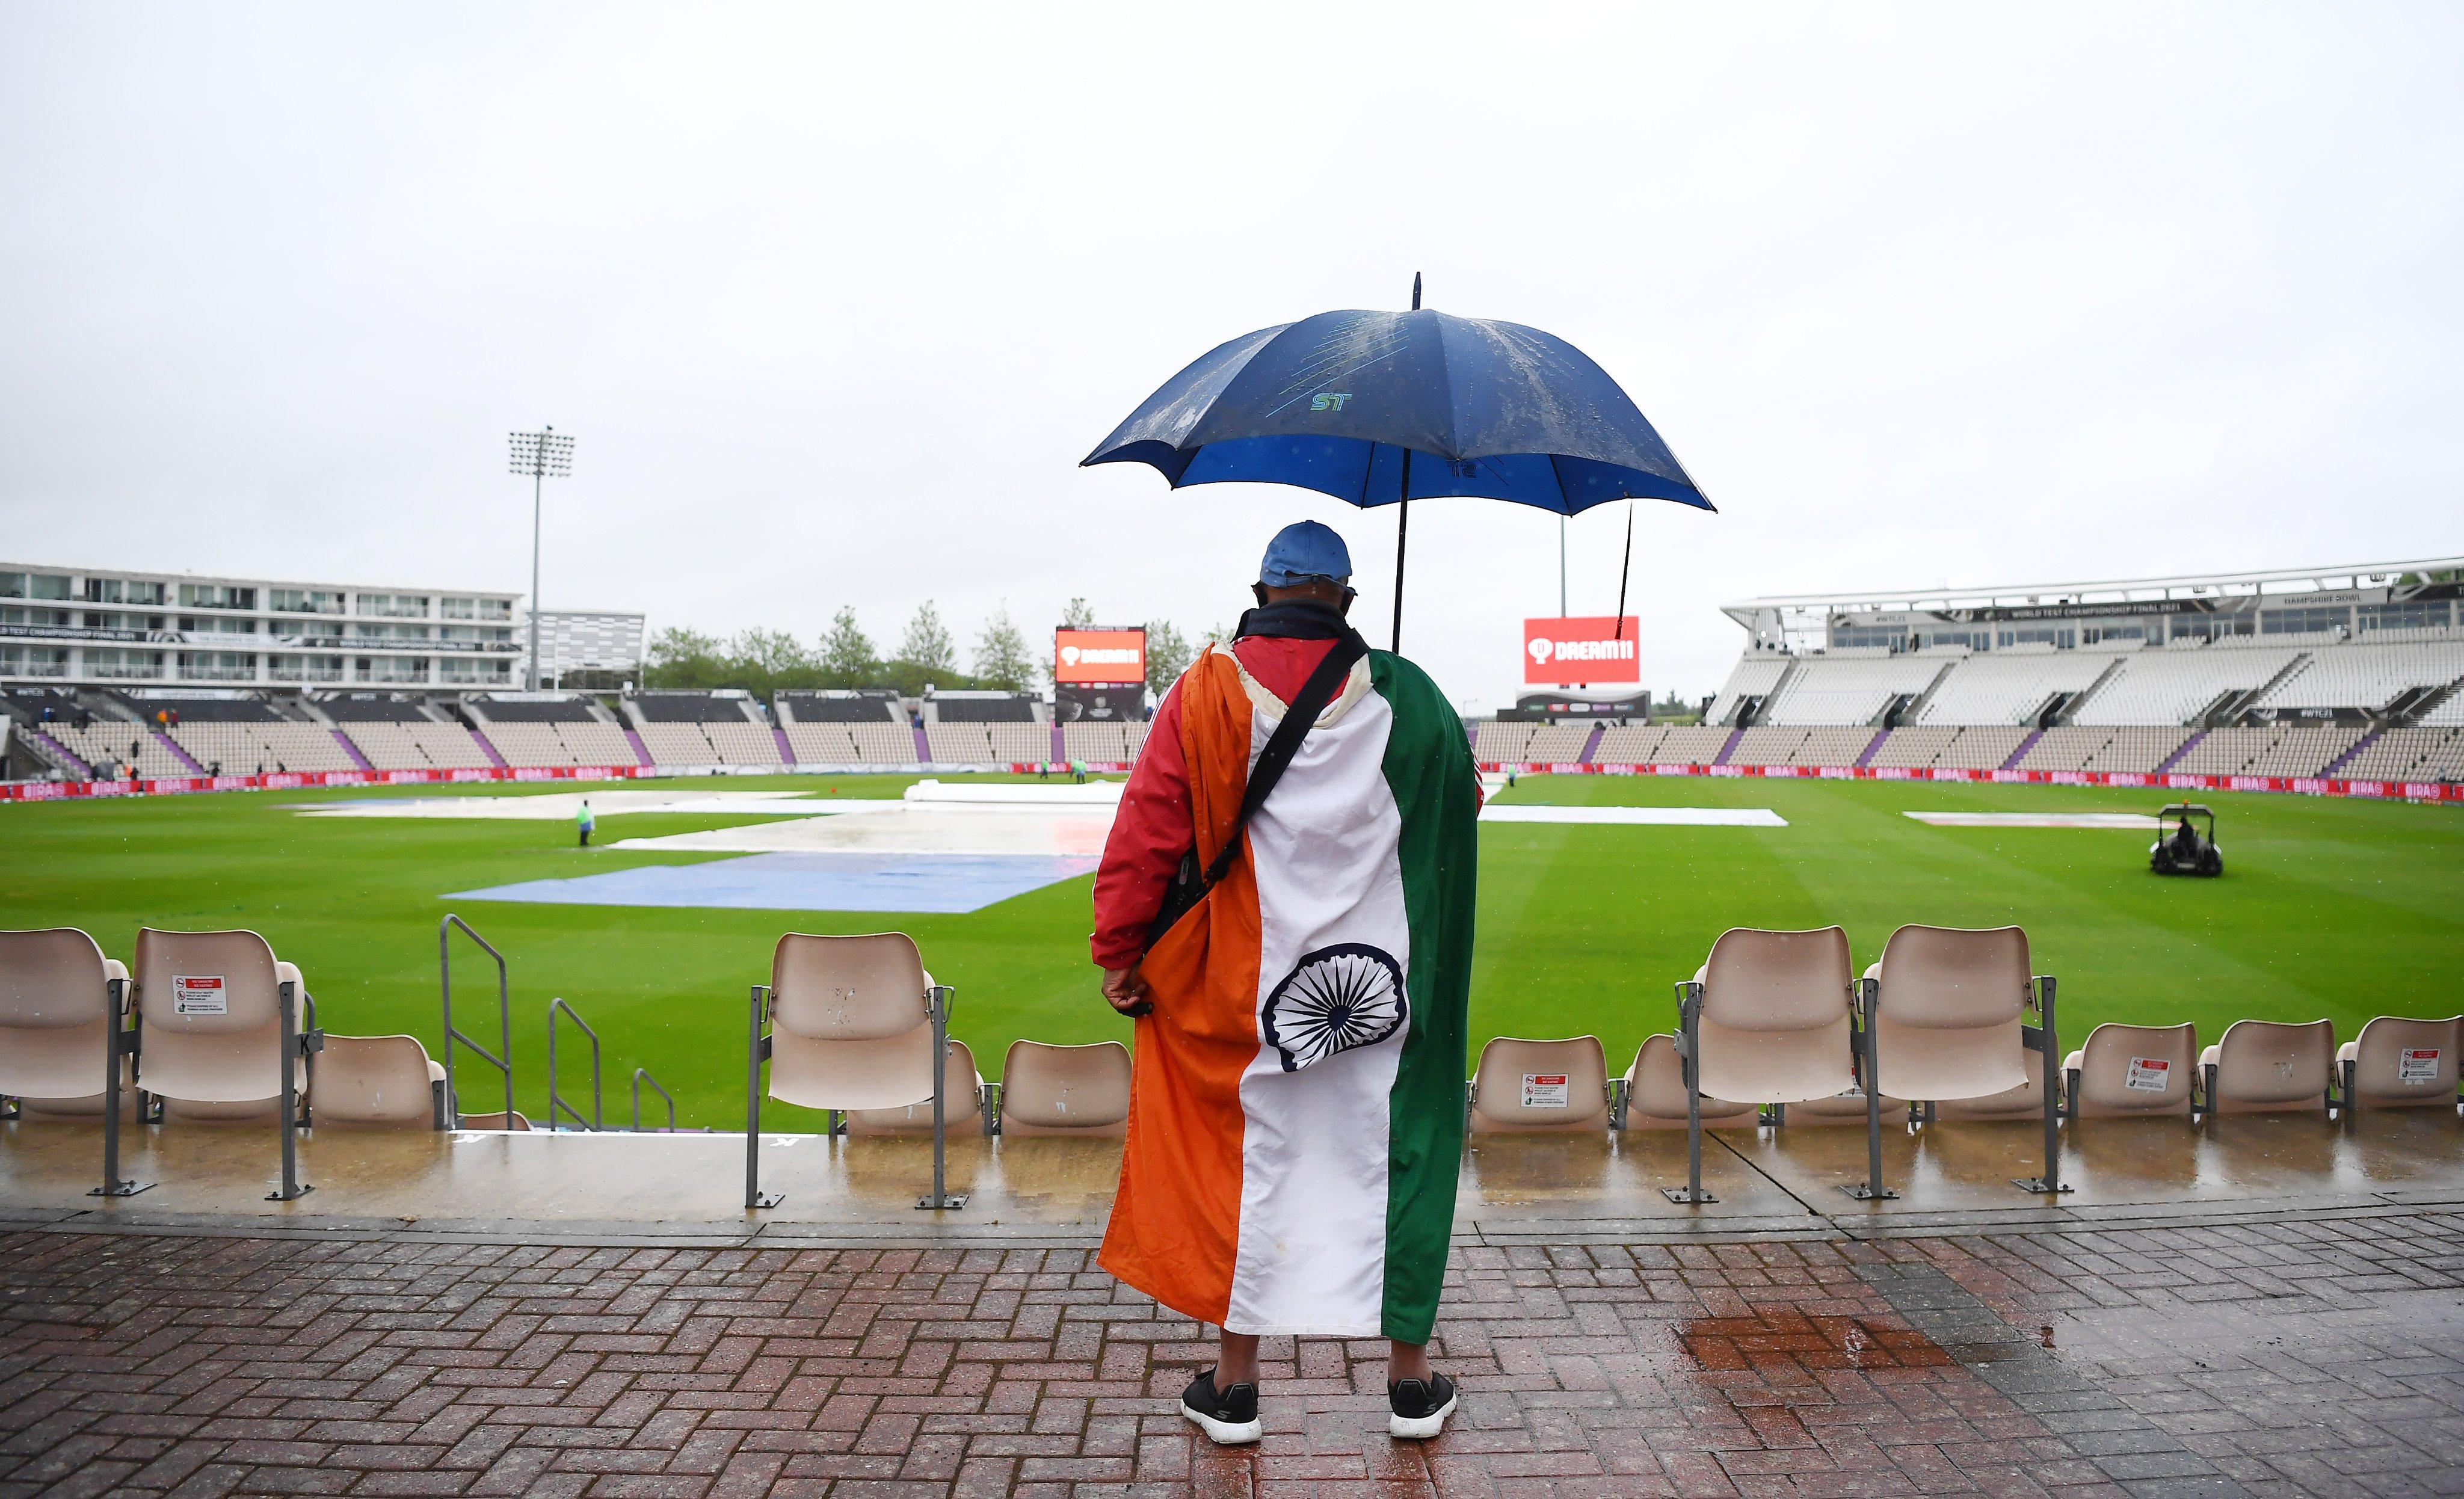 अगर बारिश की वजह से आज मैच नहीं हो पाता है, तो 23 जून को रिजर्व डे के तौर पर रखा गया है। इंडियन फैन्स चाहेंगे कि इस मैच का रिजल्ट निकले और भारत चैंपियन बने।